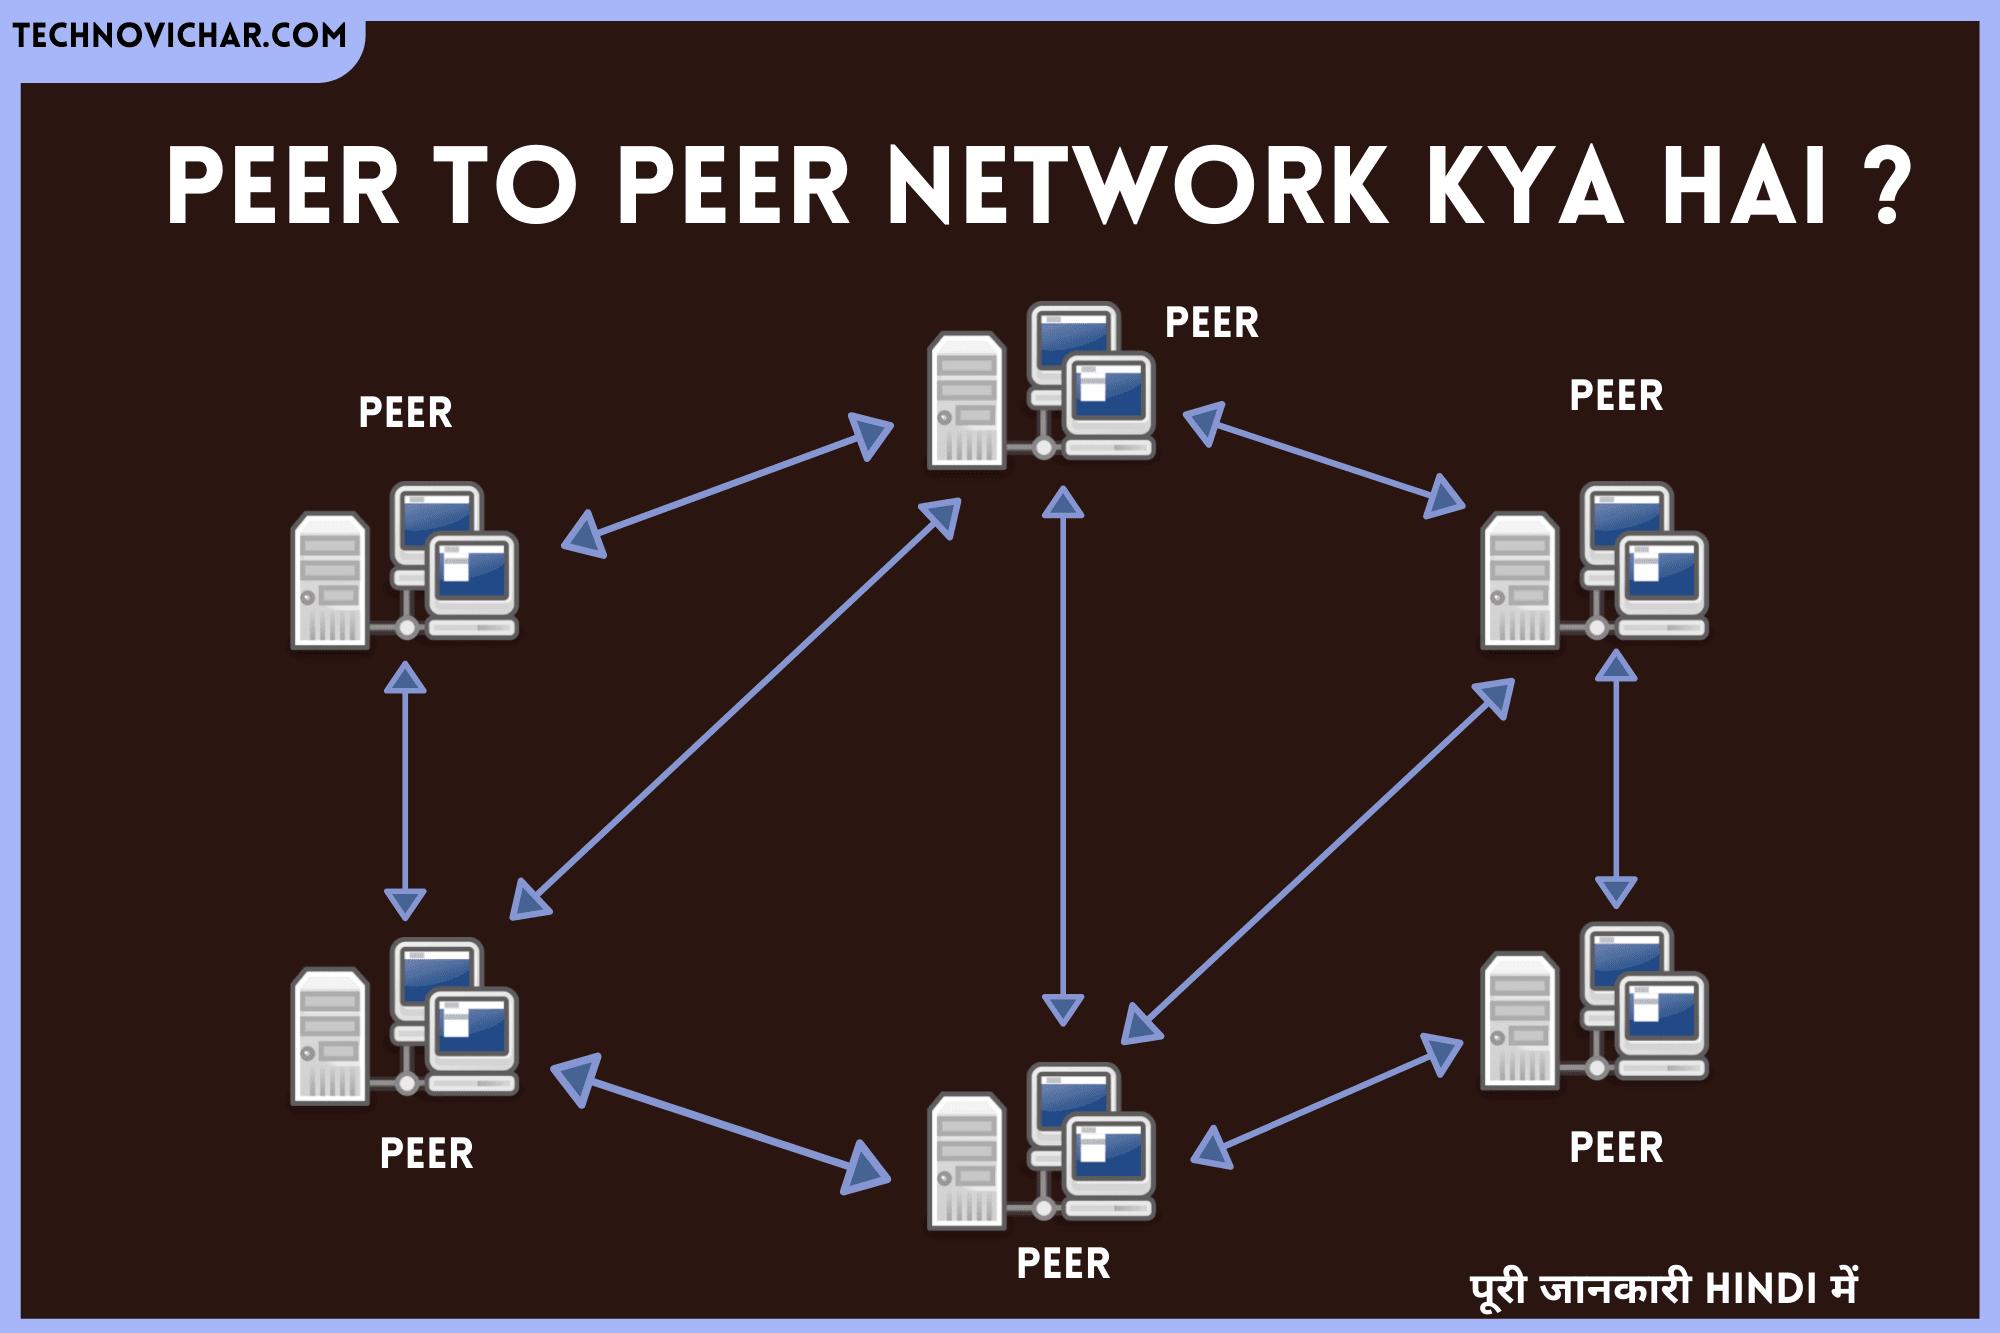 What_is_Peer_to_Peer_Network_in_Hindi